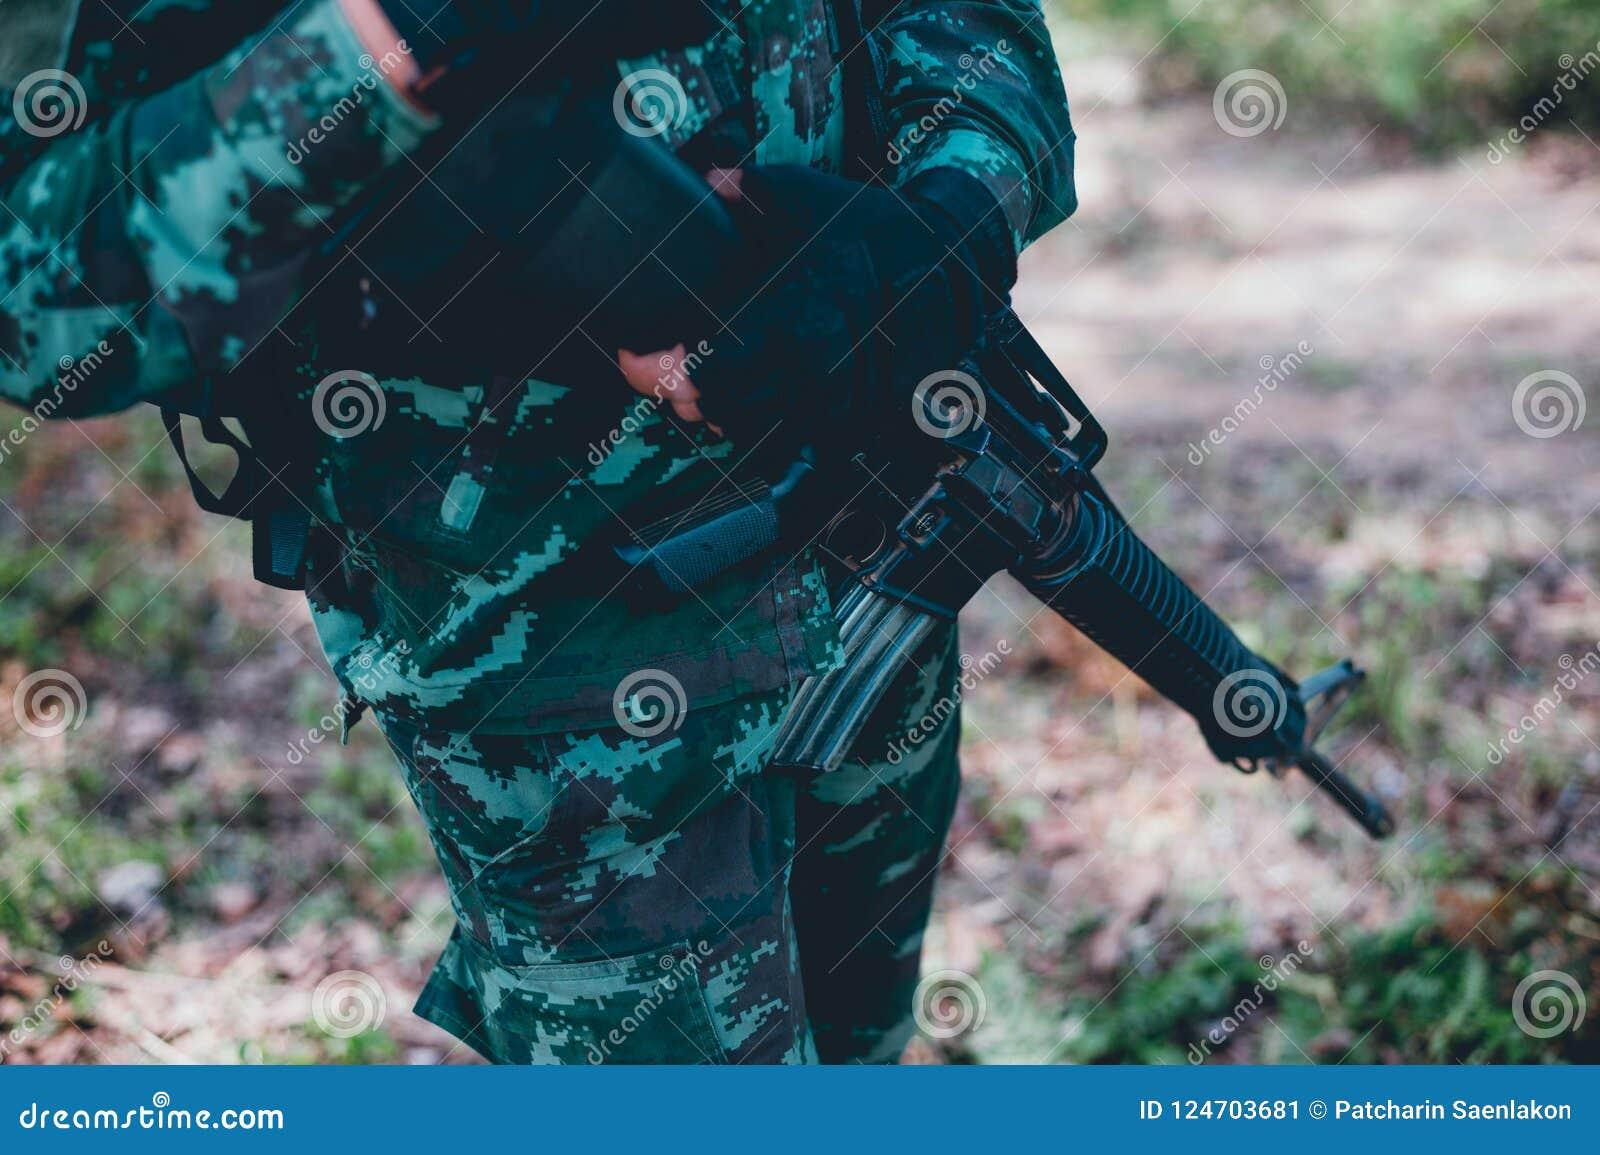 Οι στρατιώτες χρησιμοποιούν το ραδιόφωνο Και χρησιμοποιήστε το χάρτη για την επικοινωνία